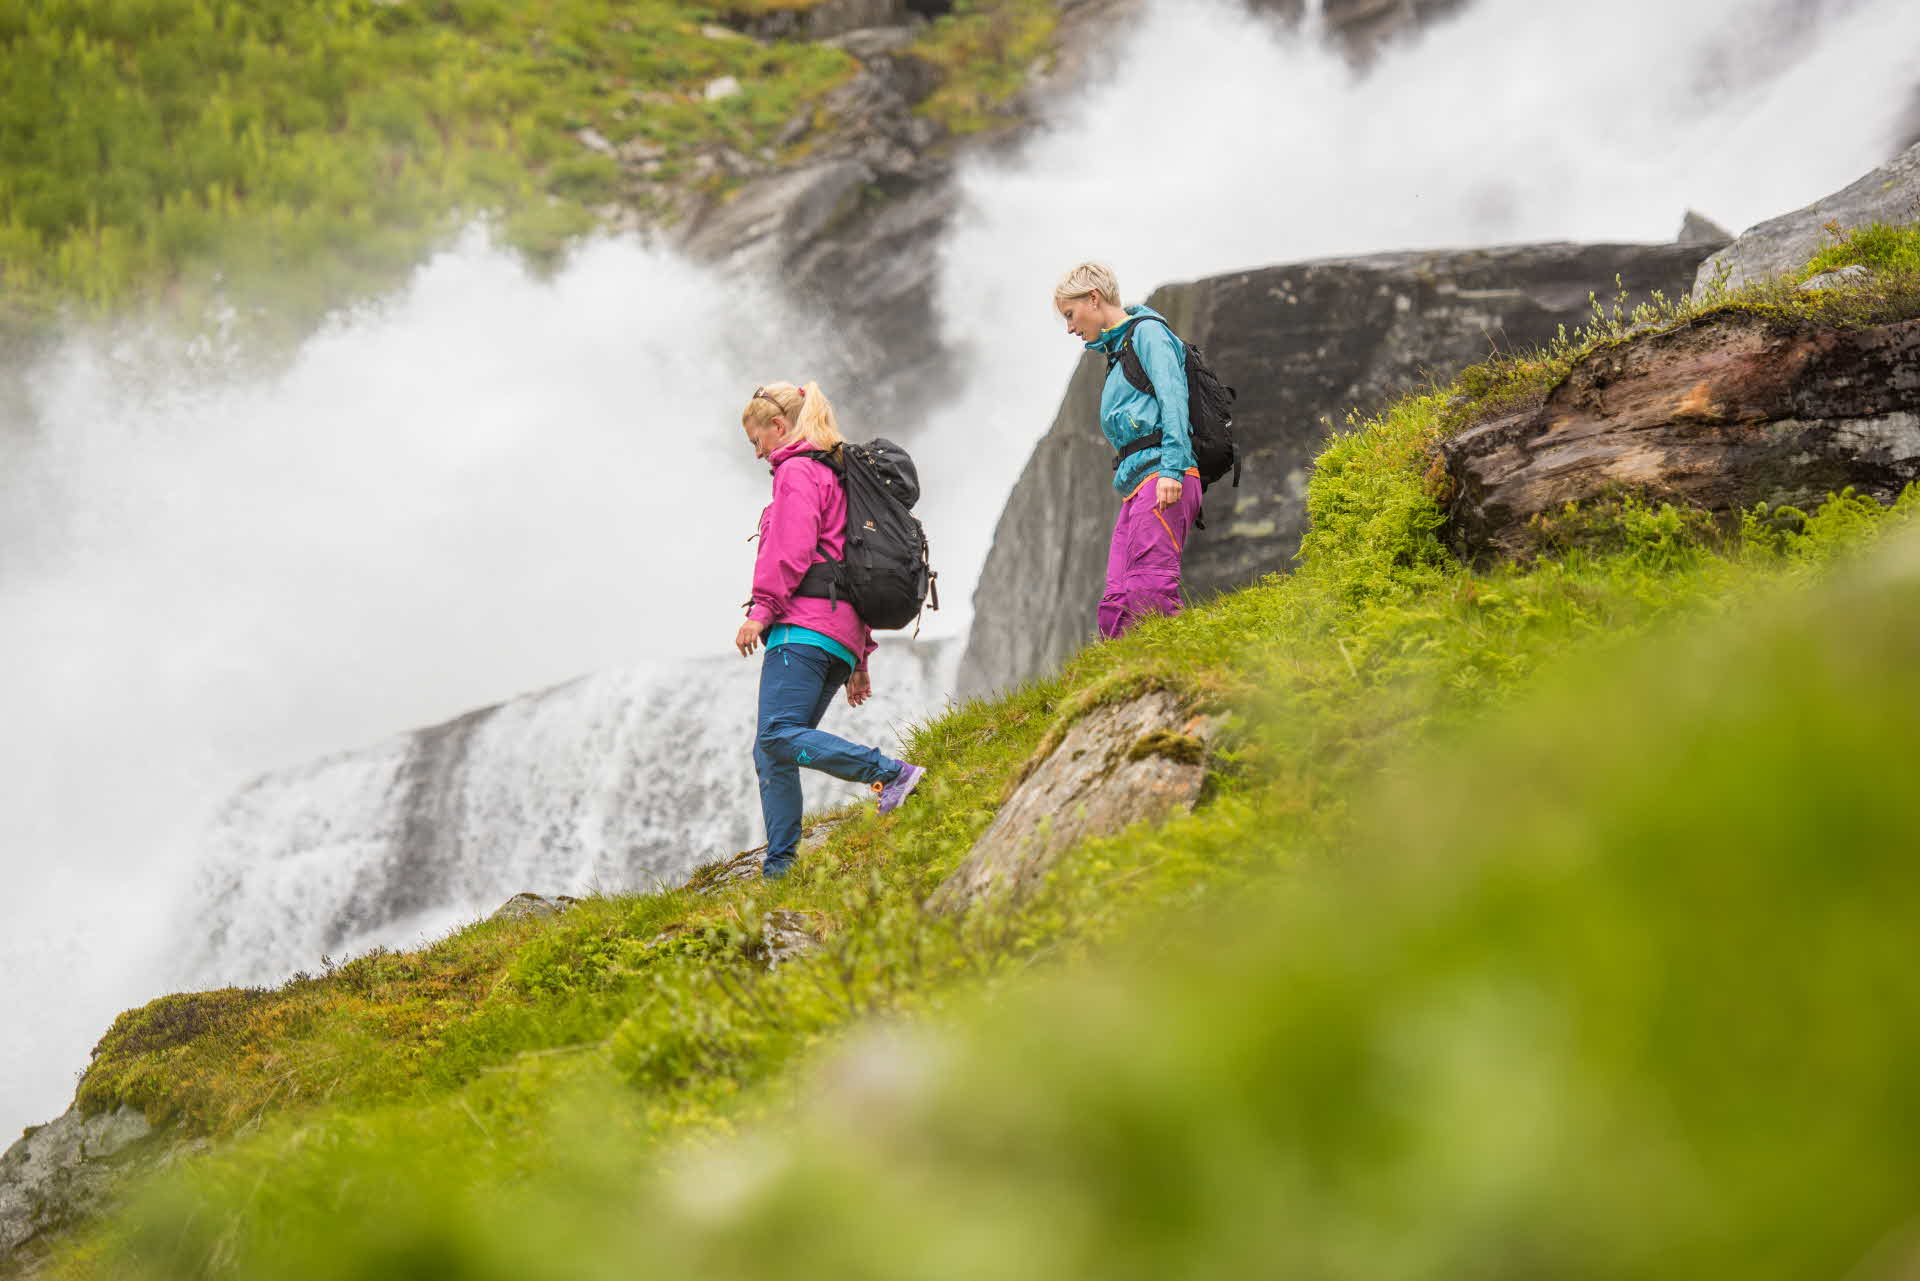 ヴィカフジェルの滝に沿って歩いている2人の女性